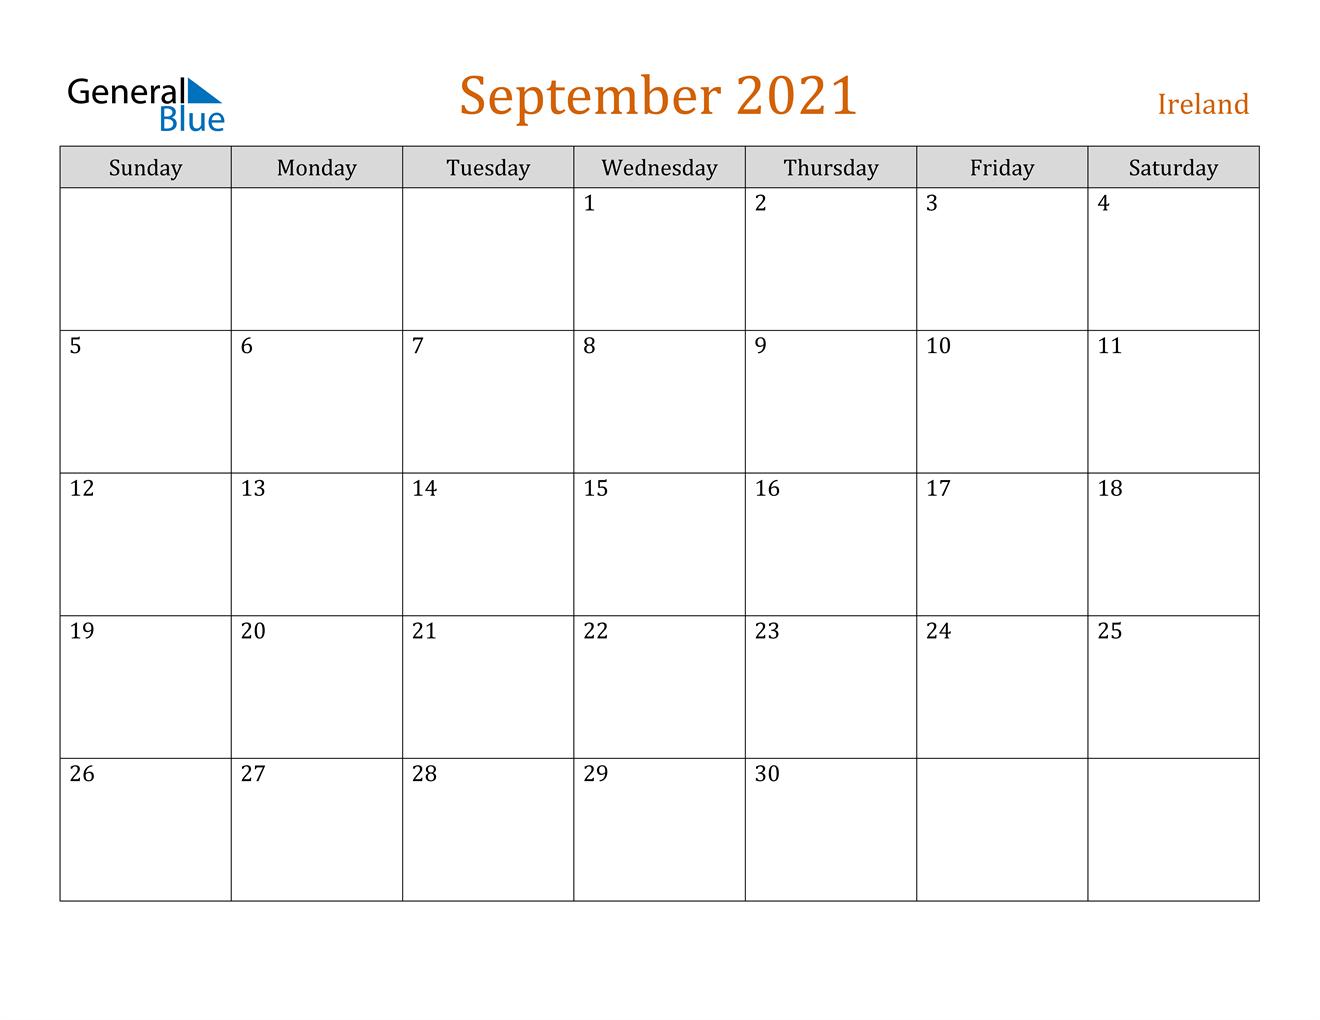 September 2021 Calendar - Ireland